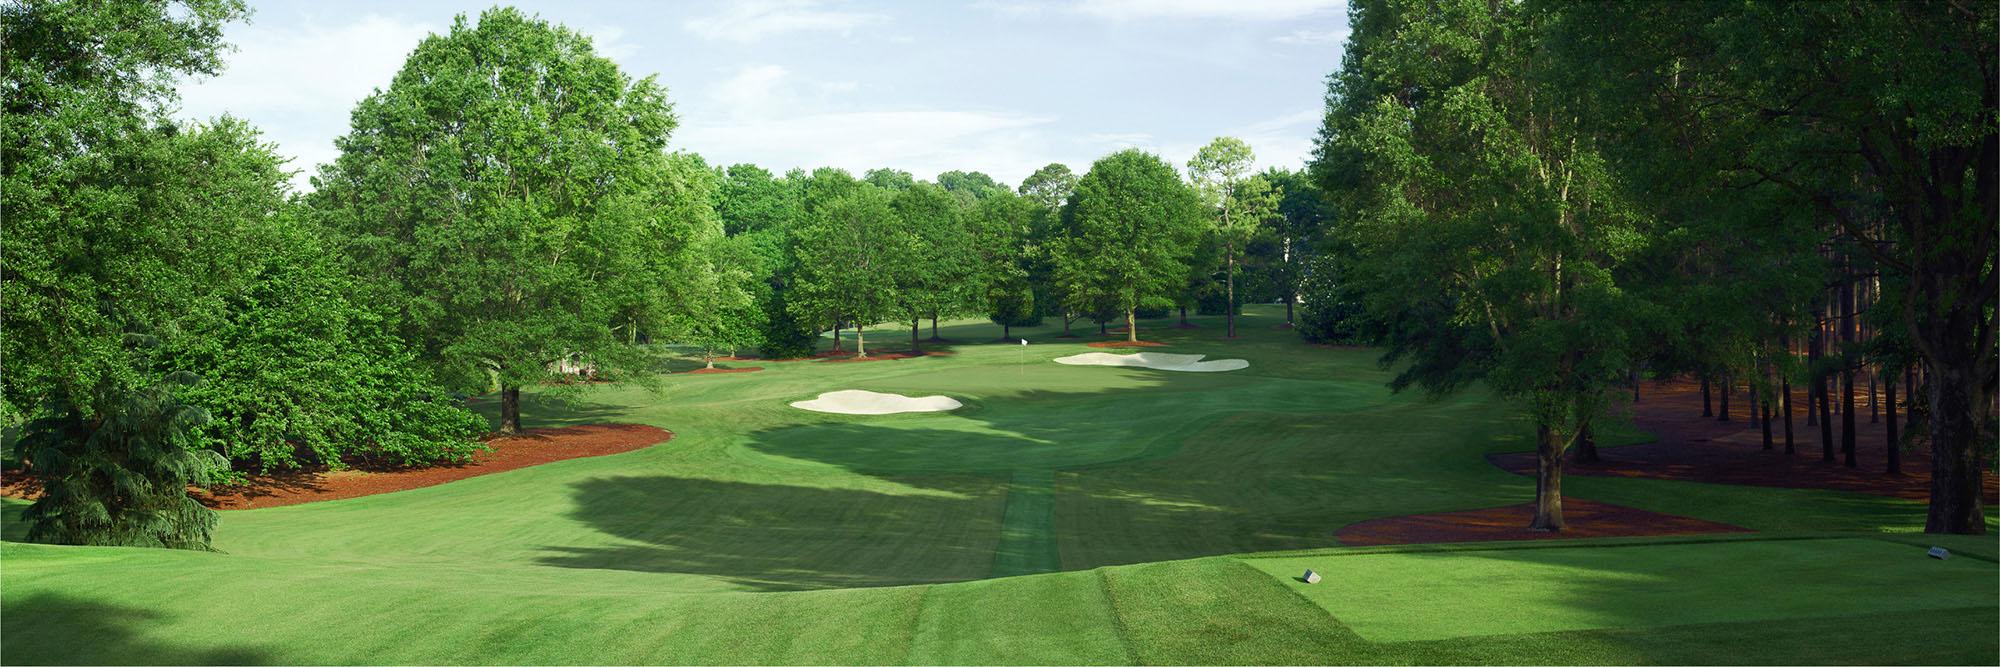 Golf Course Image - Quail Hollow No. 6